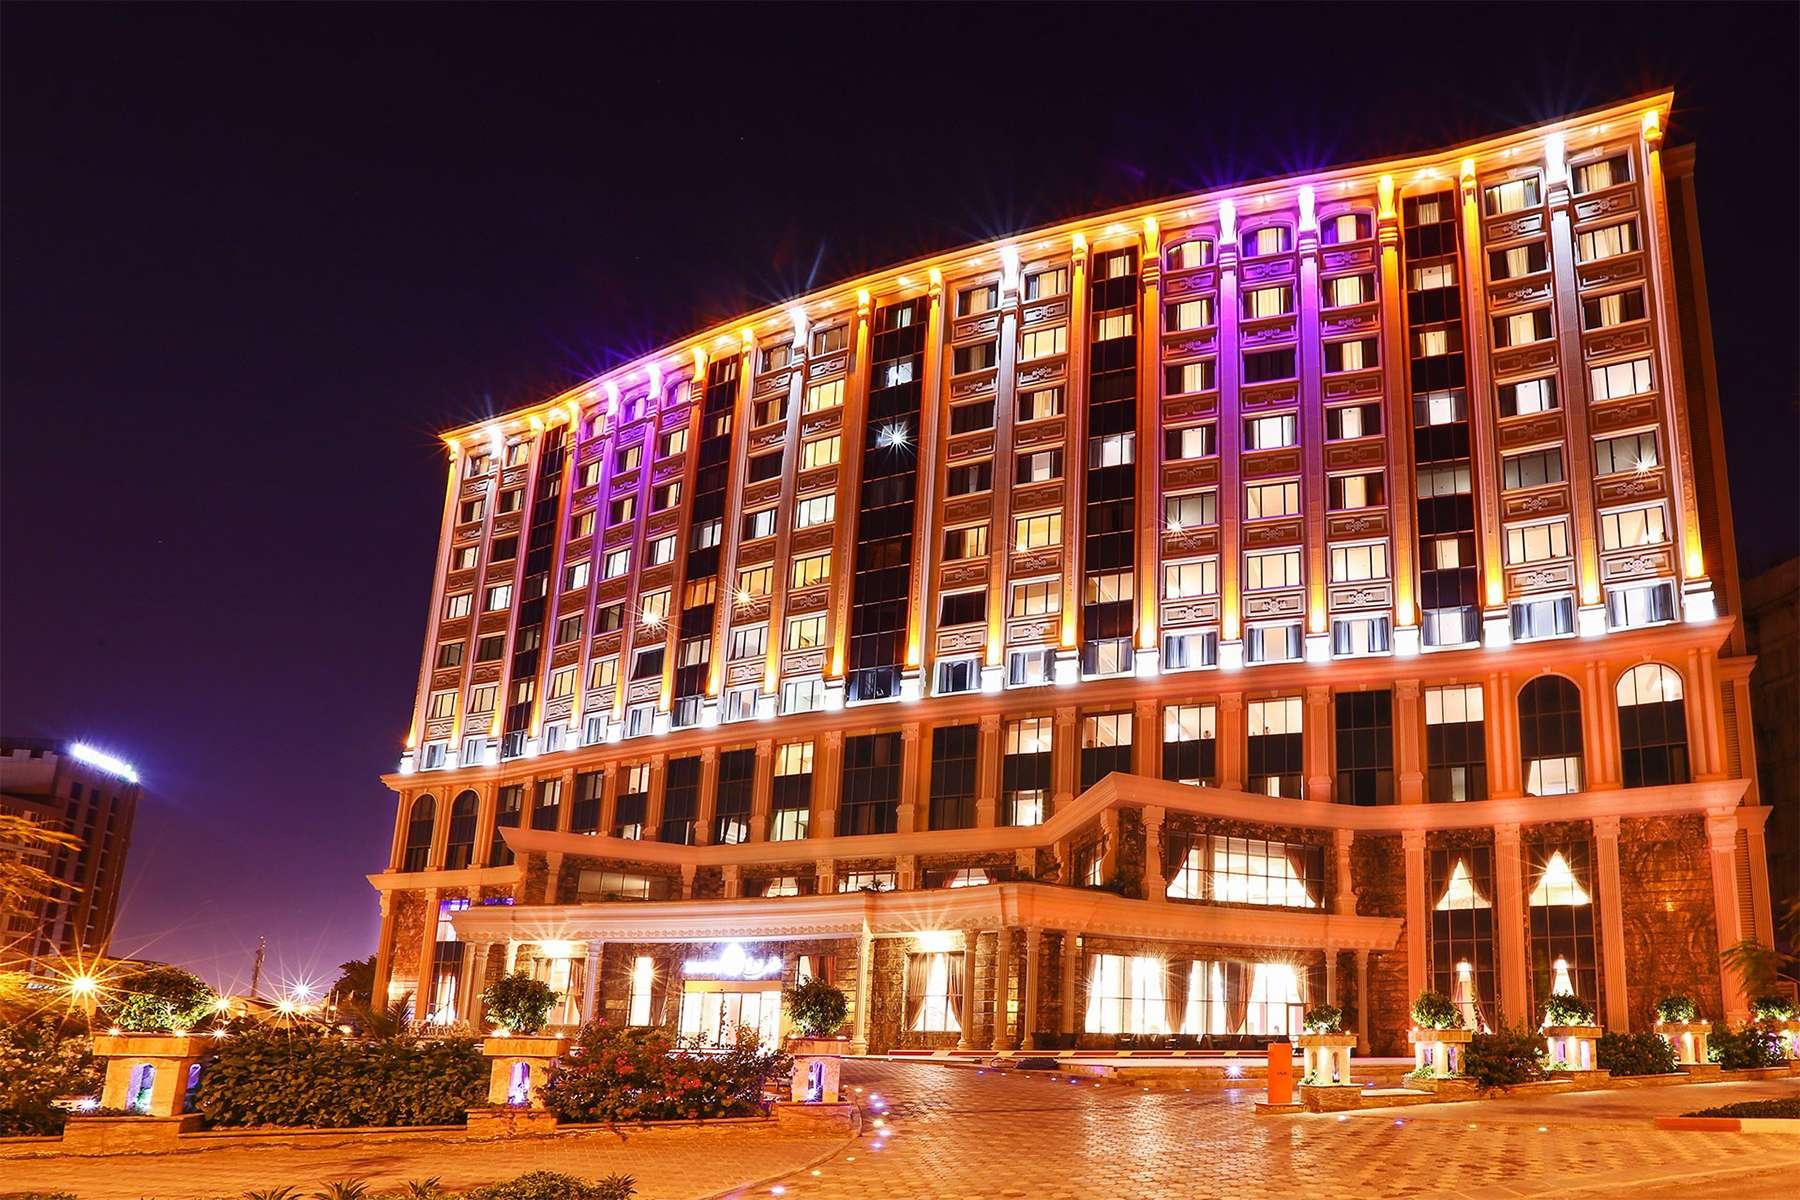 تور کیش هتل پنج ستاره تاپ ویدا